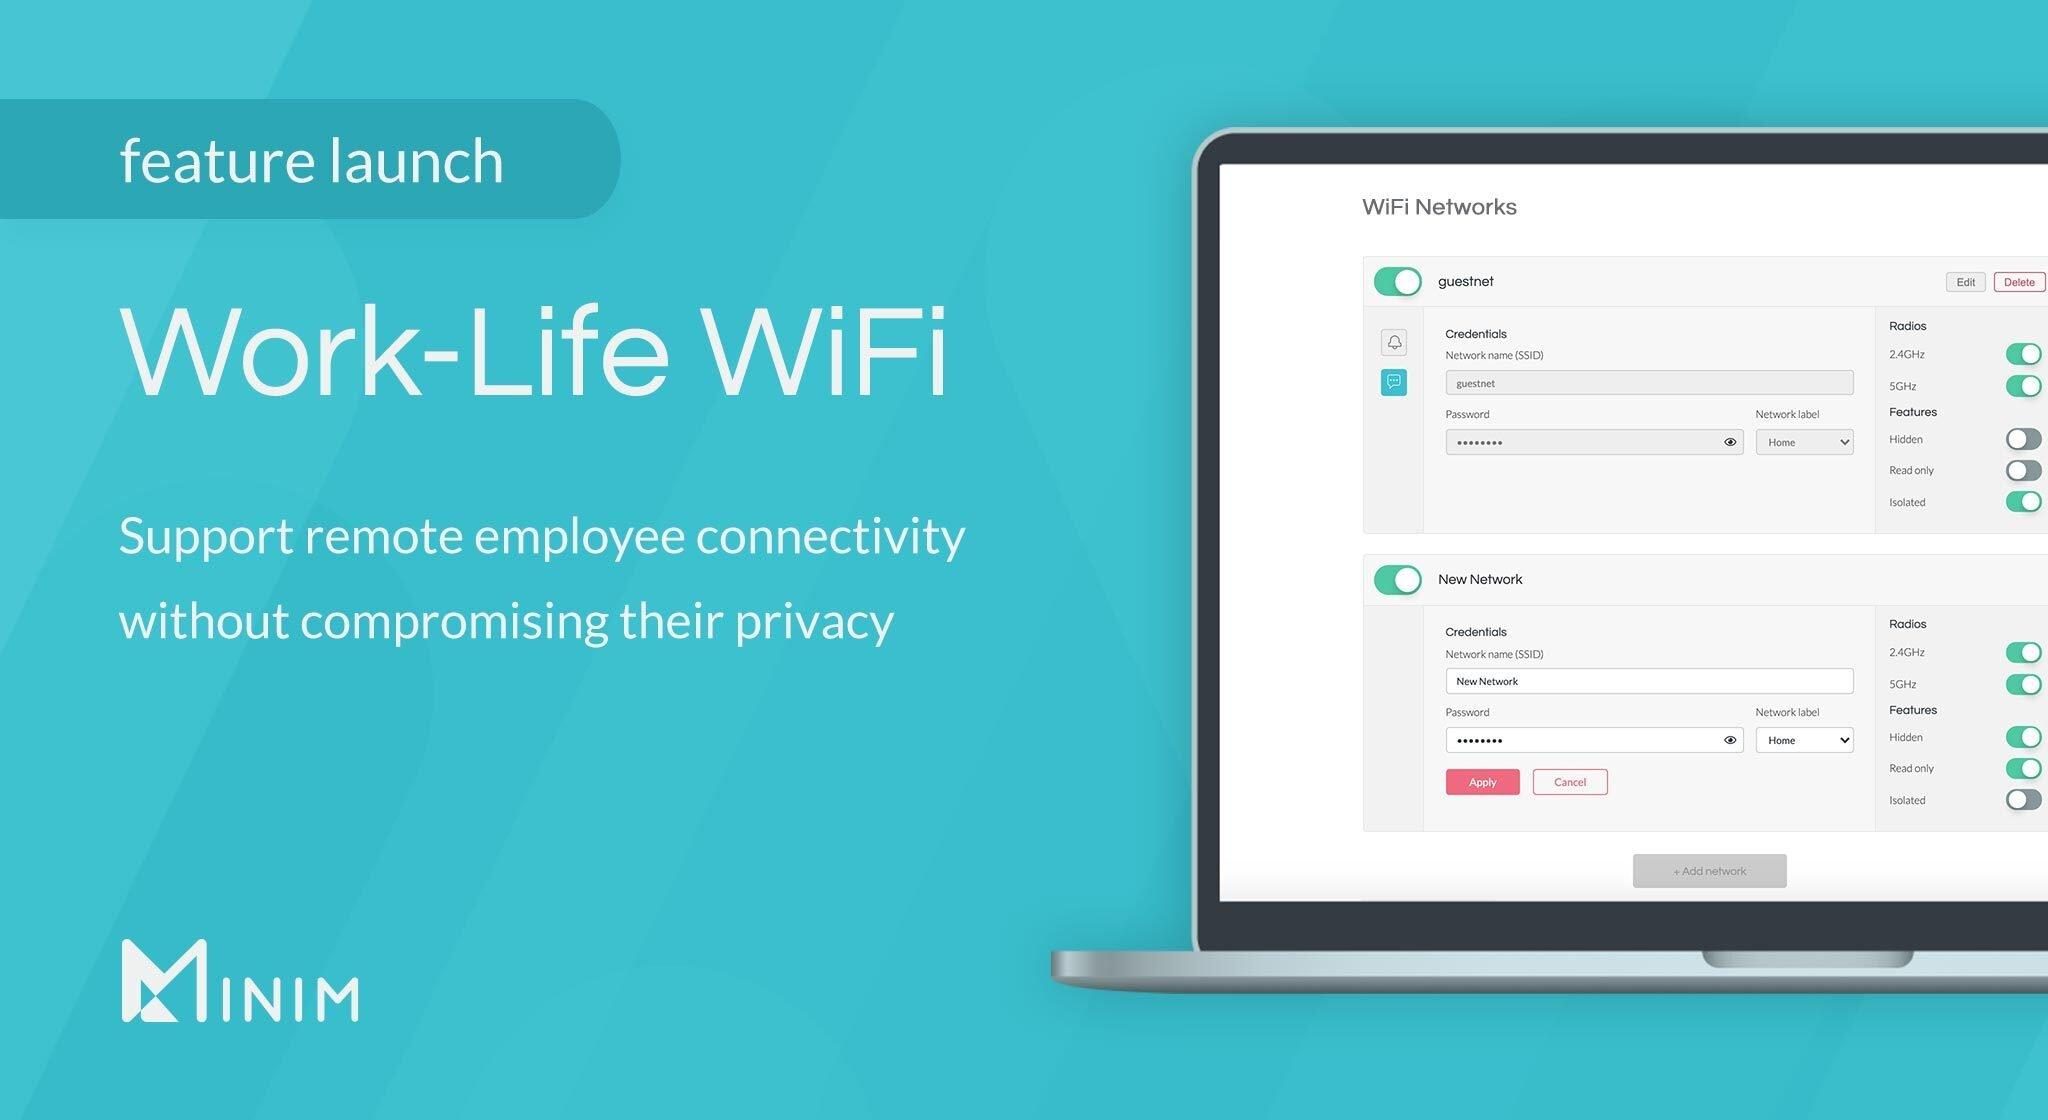 Introducing Work-Life WiFi